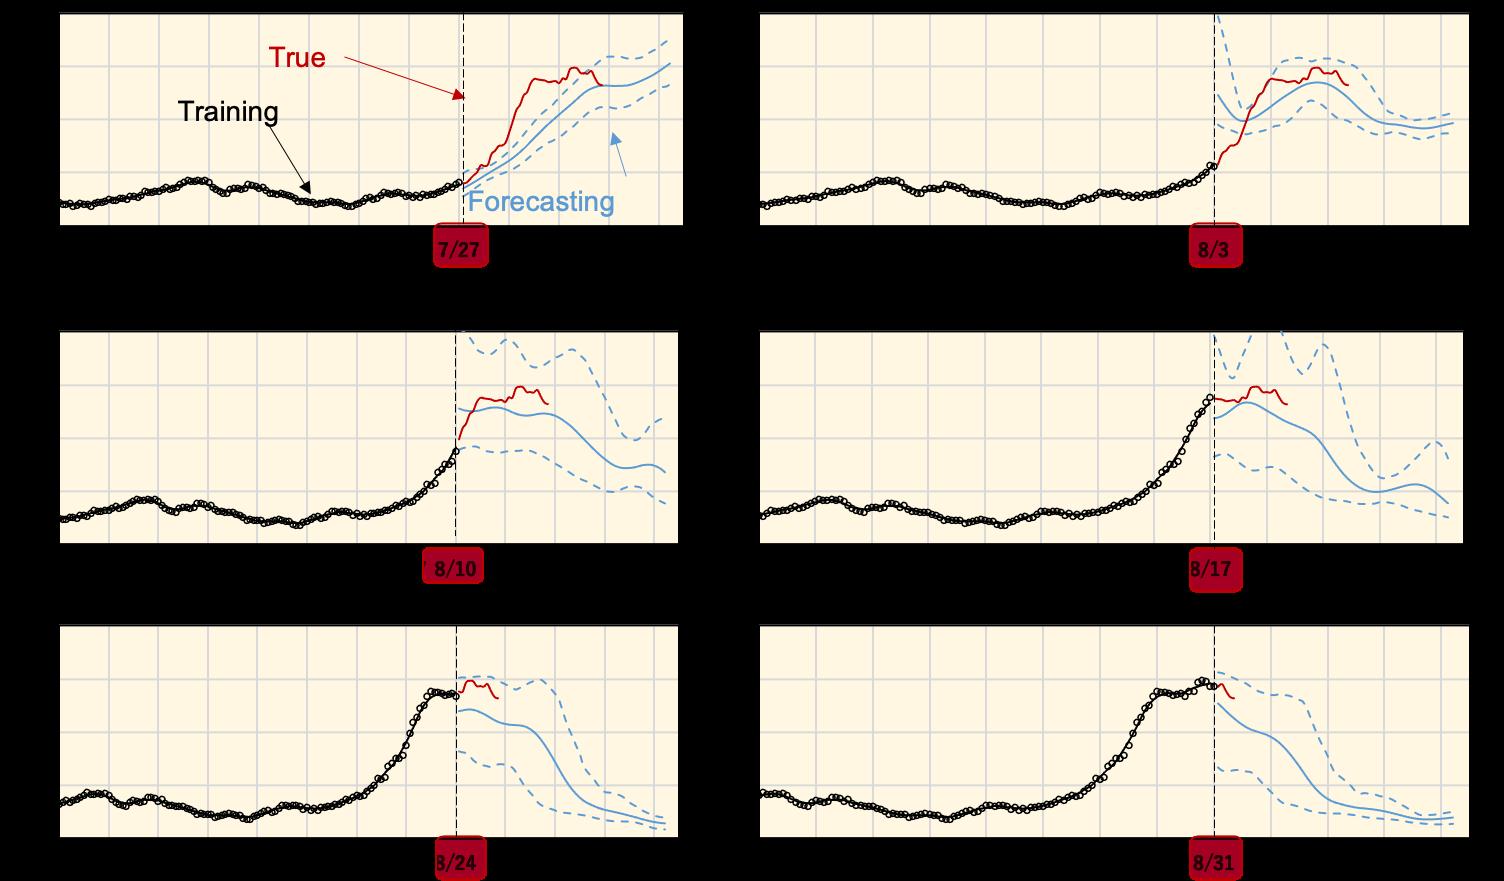 東京における重症者数の予測